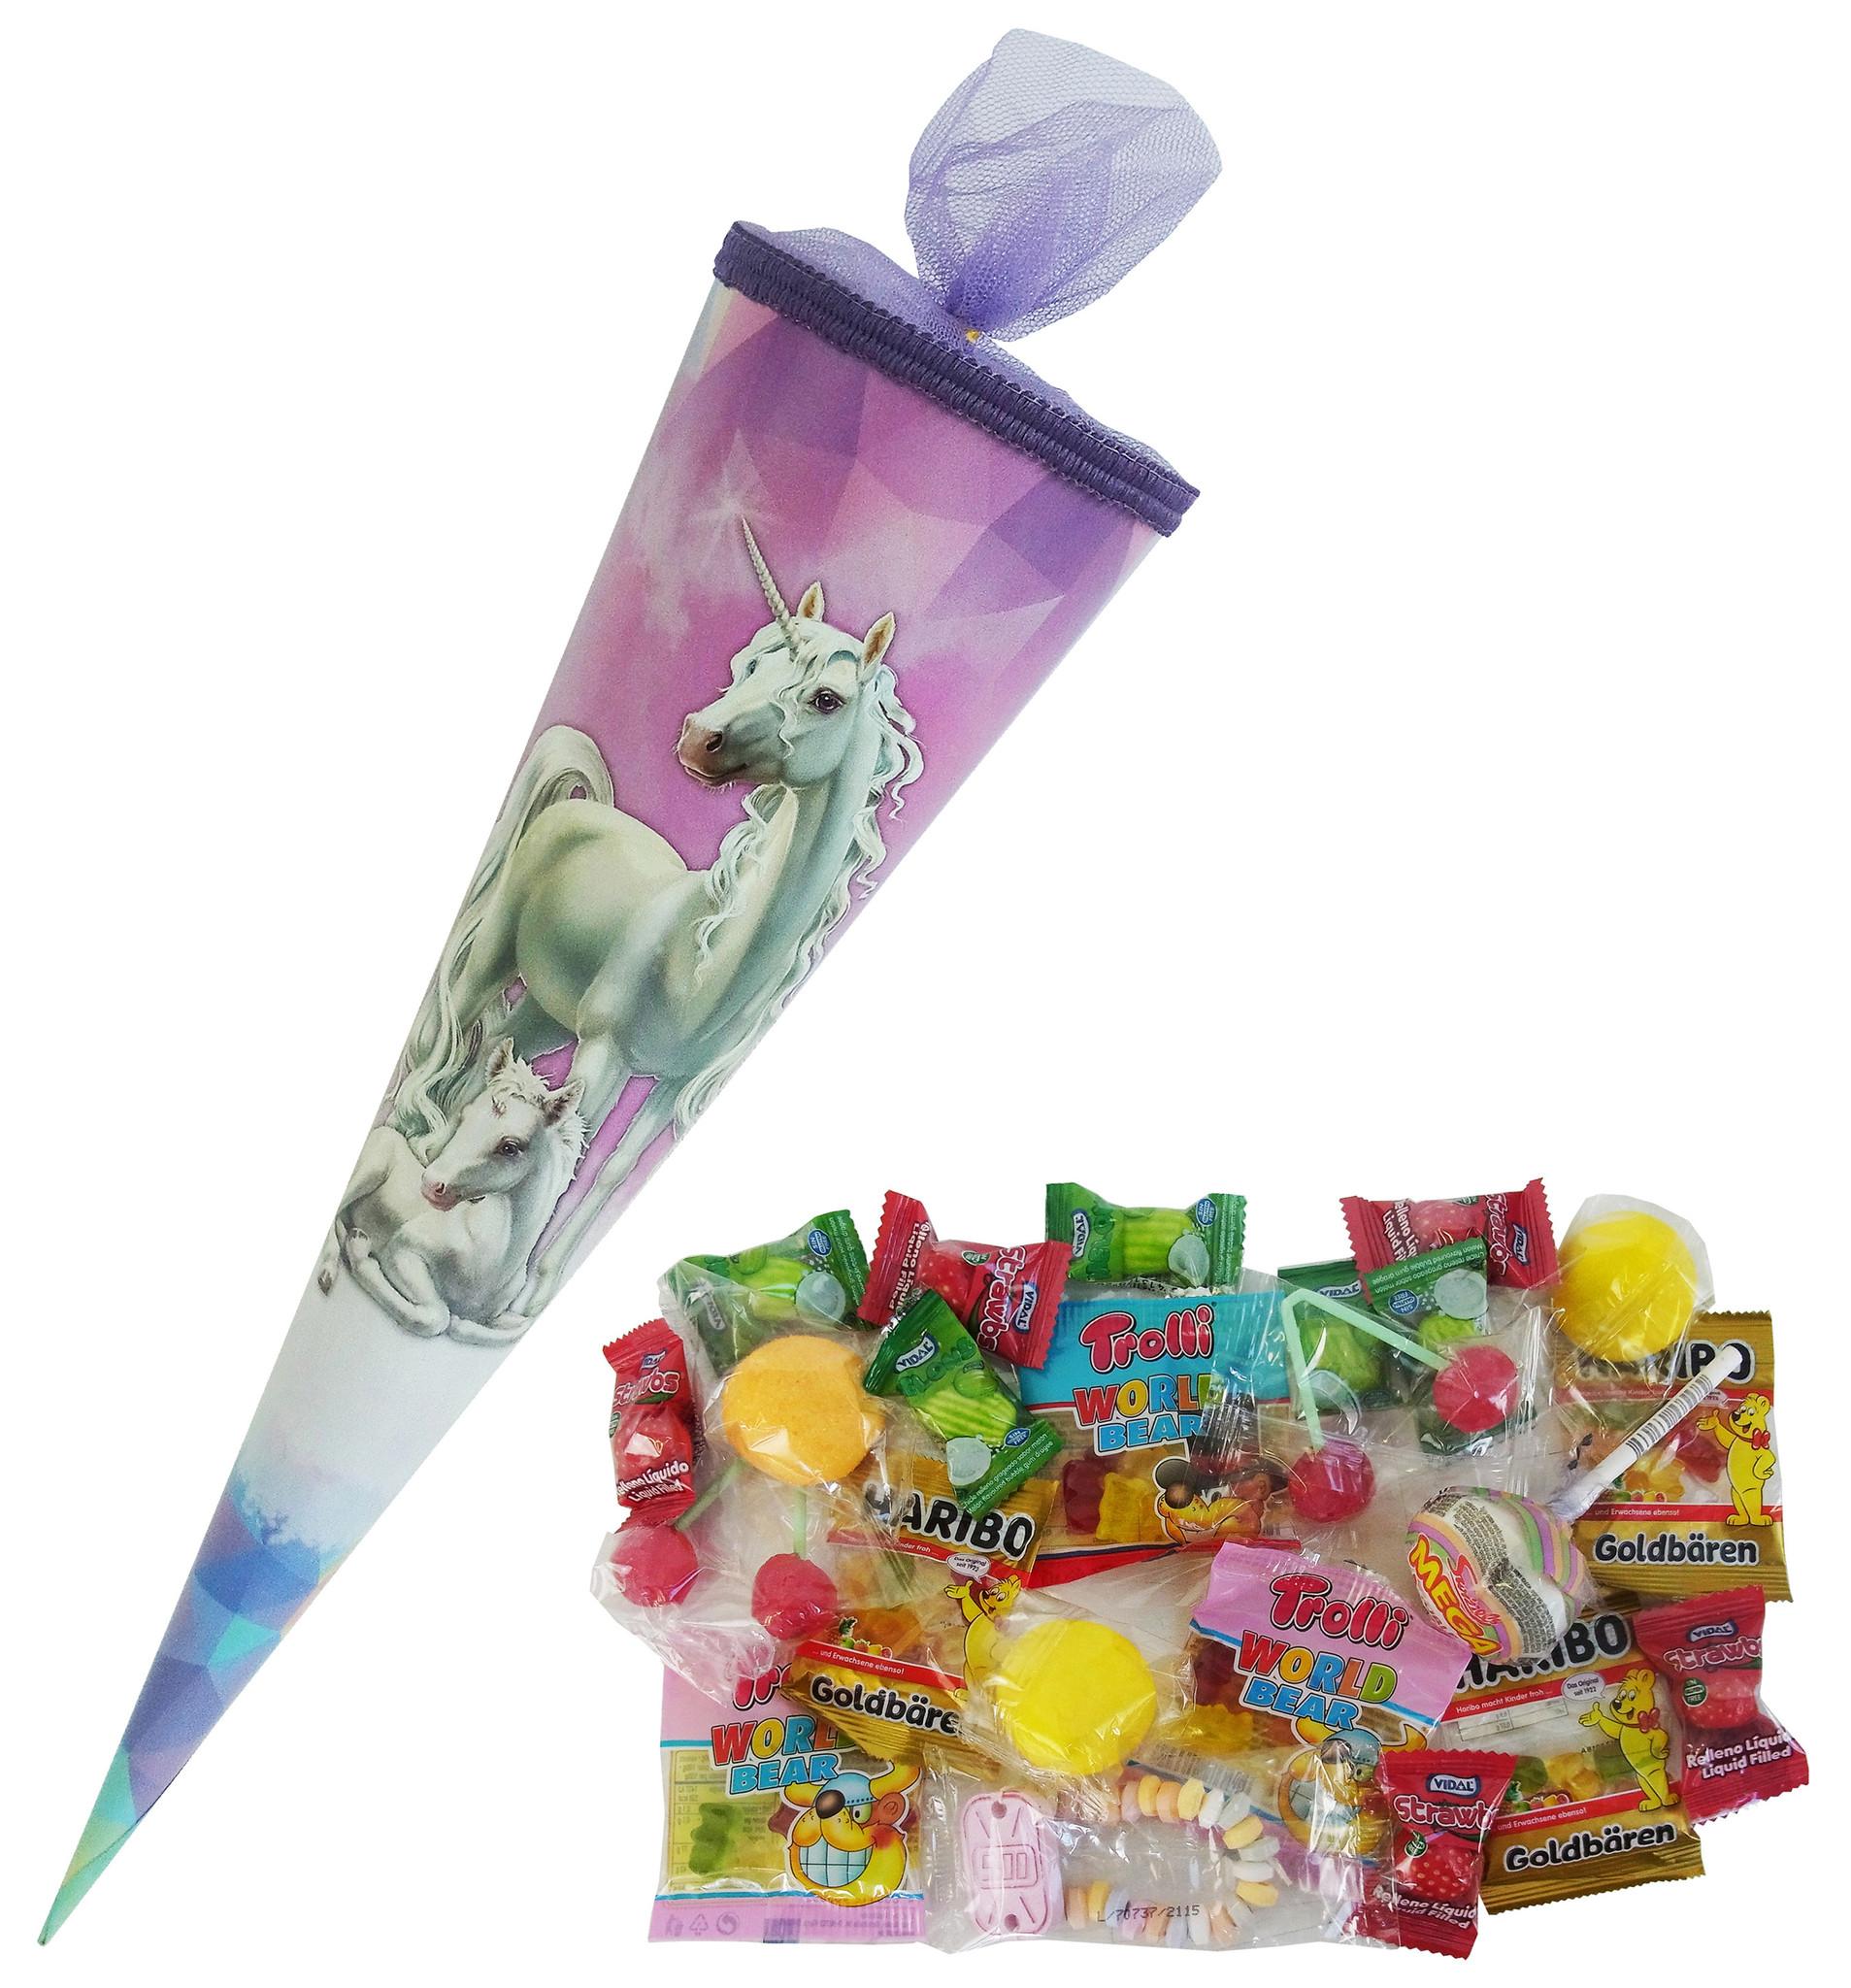 CAPTAIN PLAY Schultüte Einhorn 35cm gefüllt mit Süßigkeiten ohne Schokolade (20-teilig)